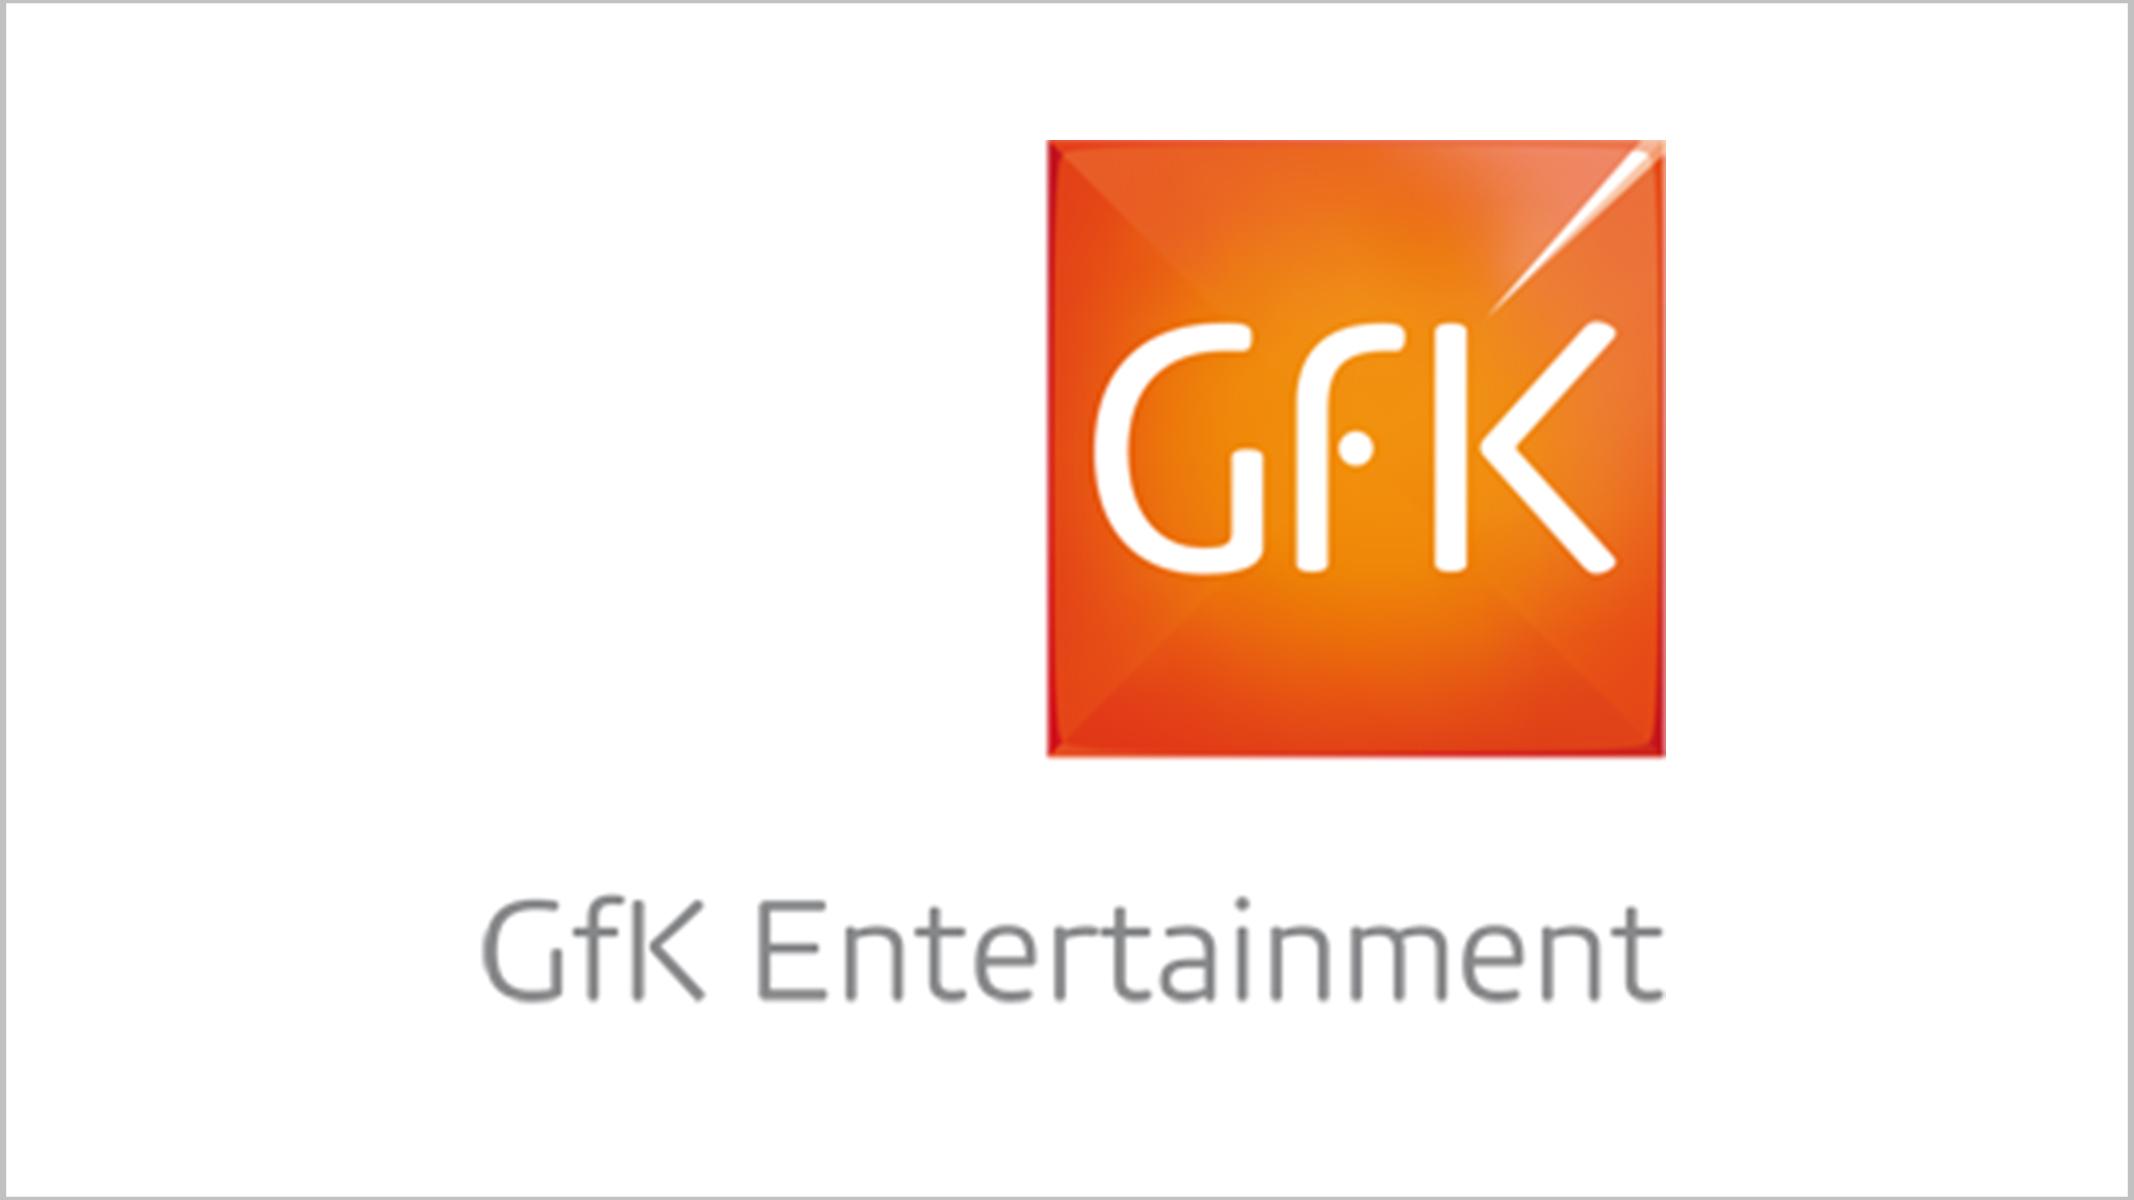 Das Logo der GfK Entertainment GmbH, die seit 2014 unter diesem Namen operiert.